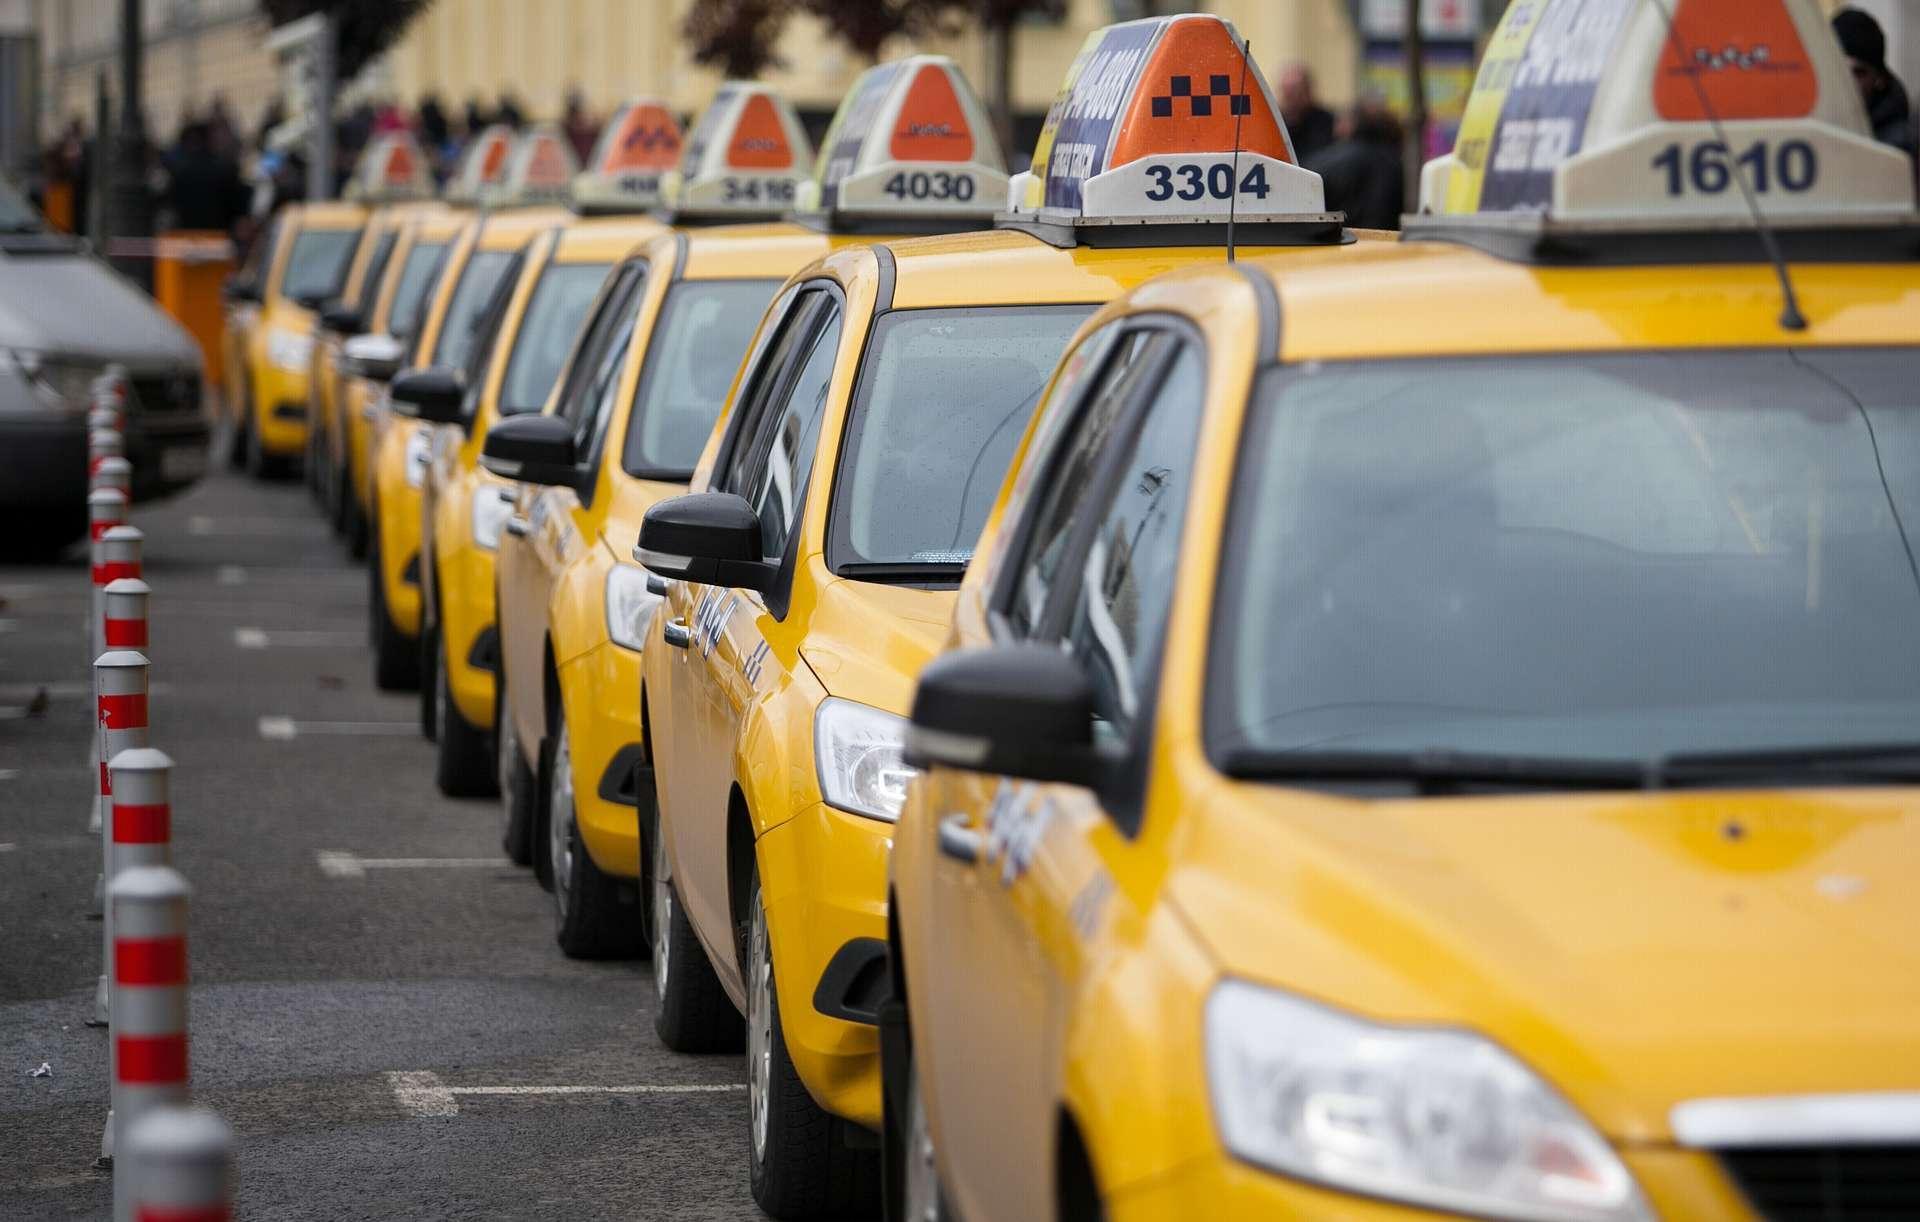 Почему в современном мегаполисе выгоднее пользоваться текси, чем иметь свой автомобиль